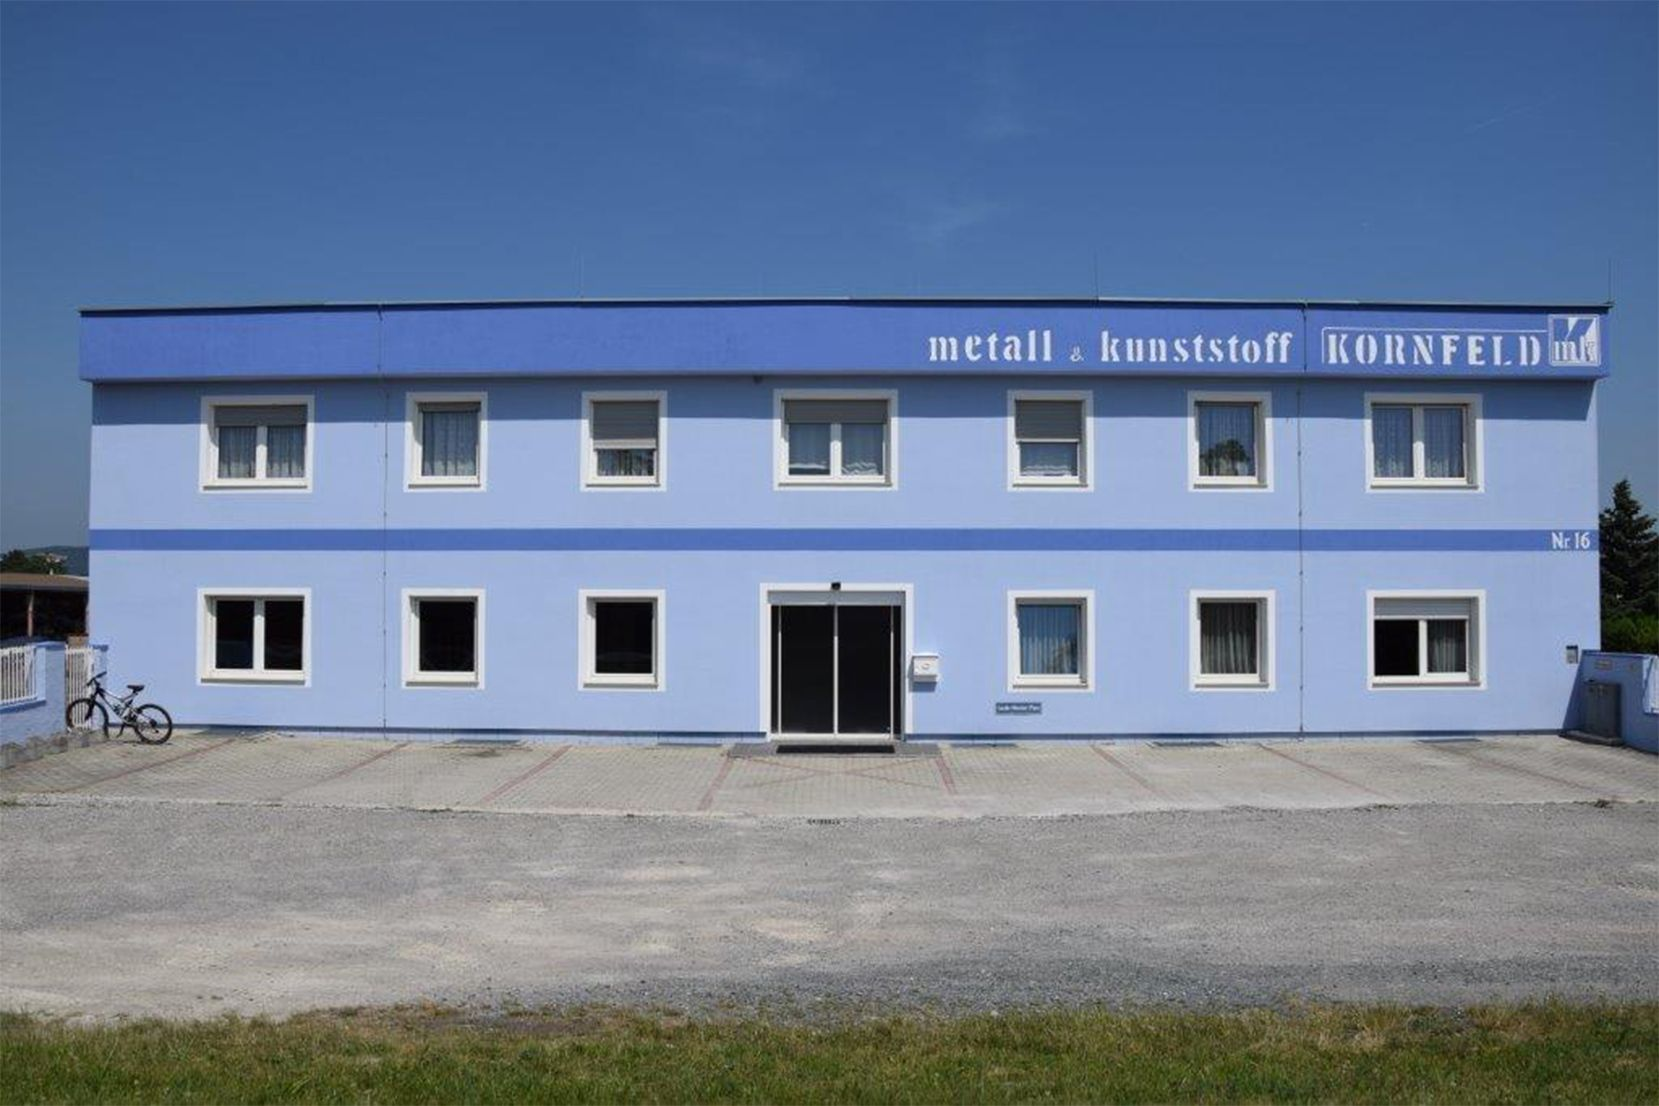 Kornfeld Anton Ing. GesmbH & Co KG